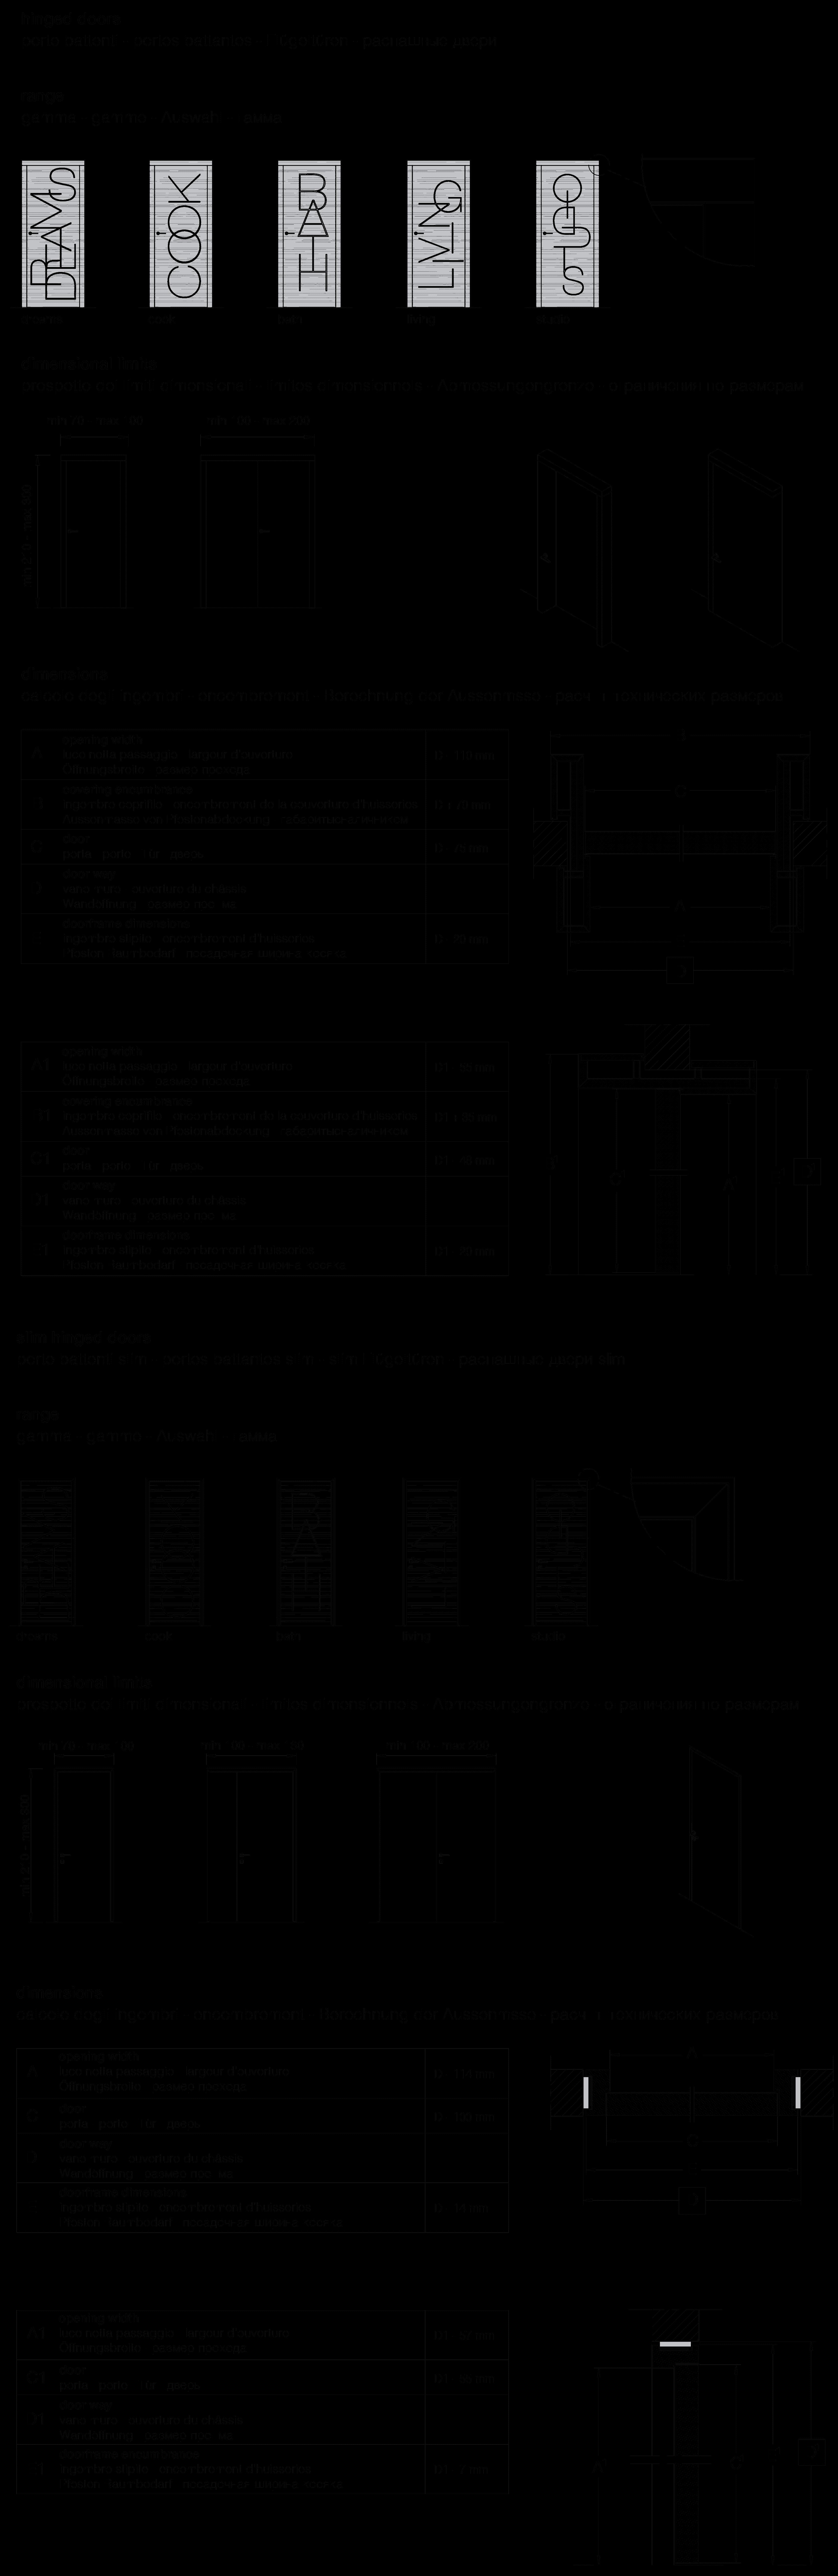 Doors, Wall Panels & Cabinets - Doors - Hinged Doors - Words ...